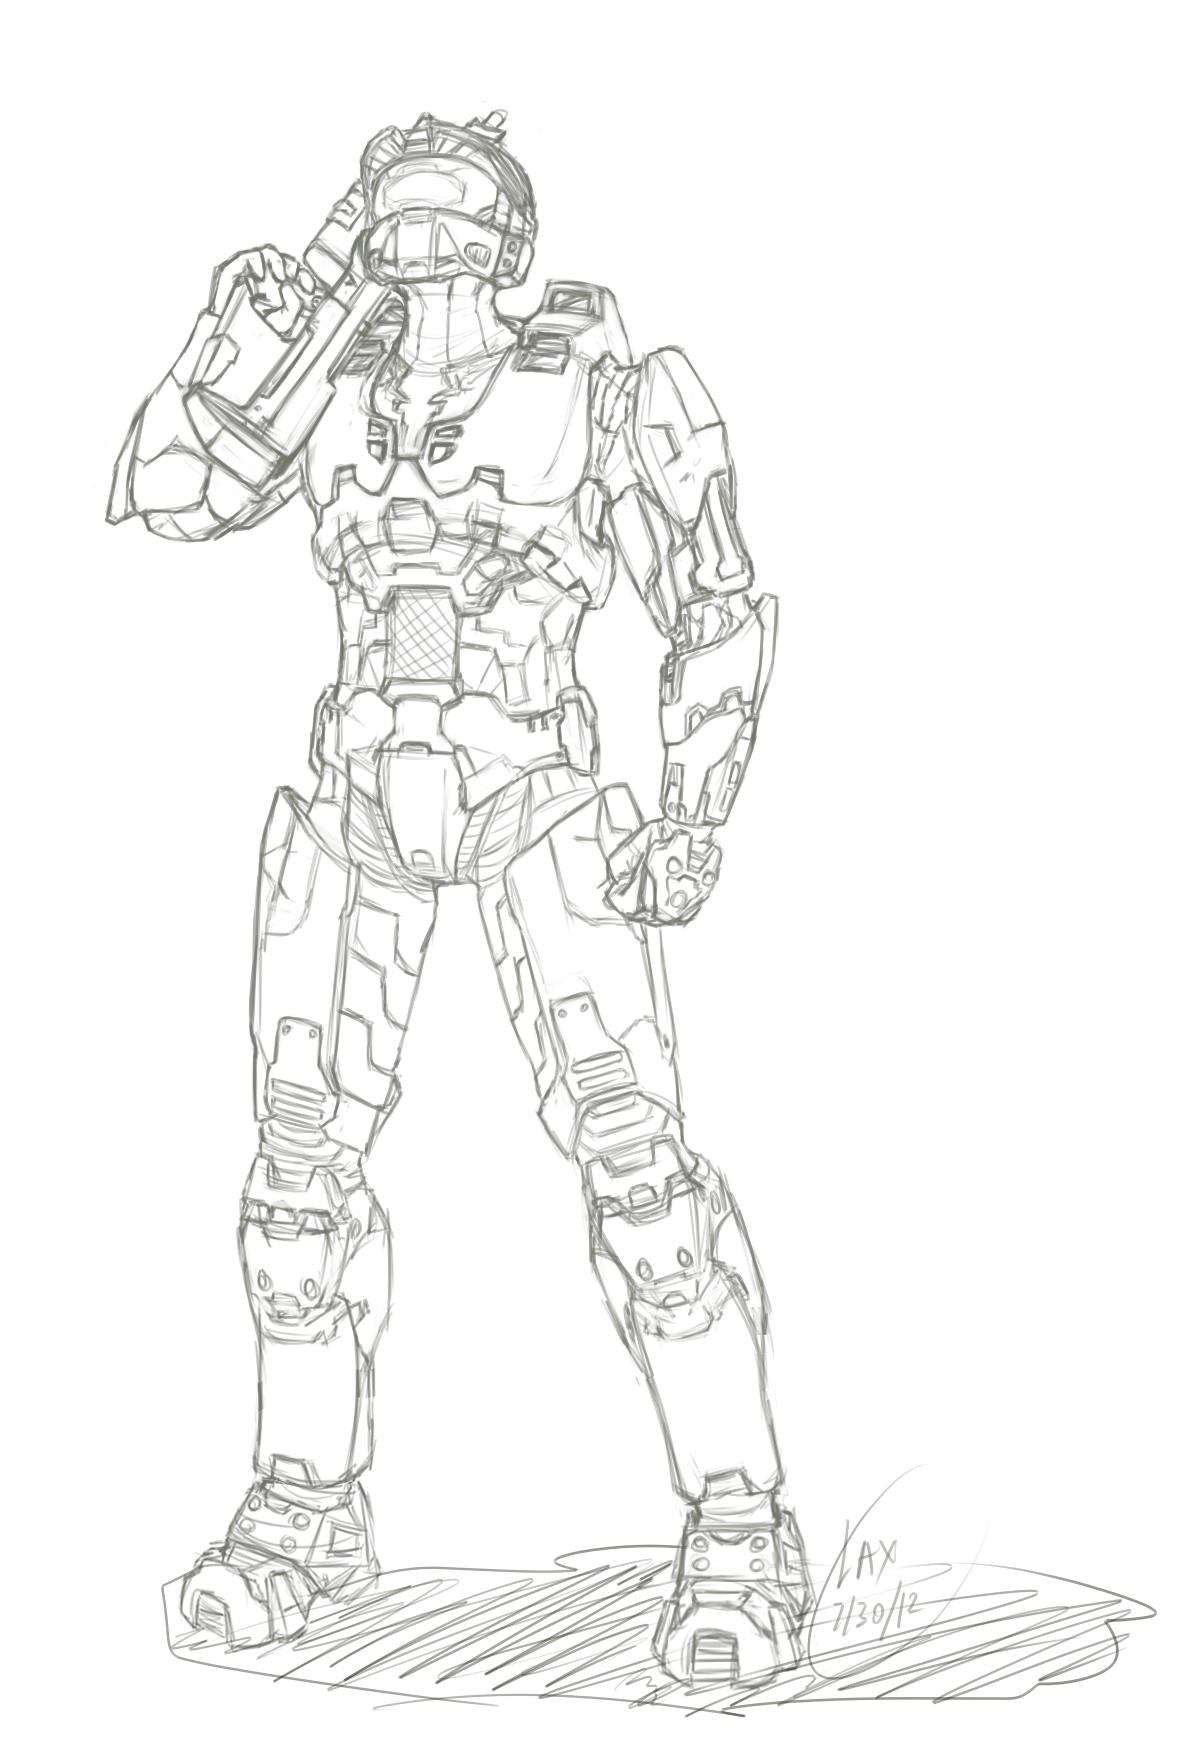 Fantástico Halo Master Chief Para Colorear Componente - Dibujos Para ...